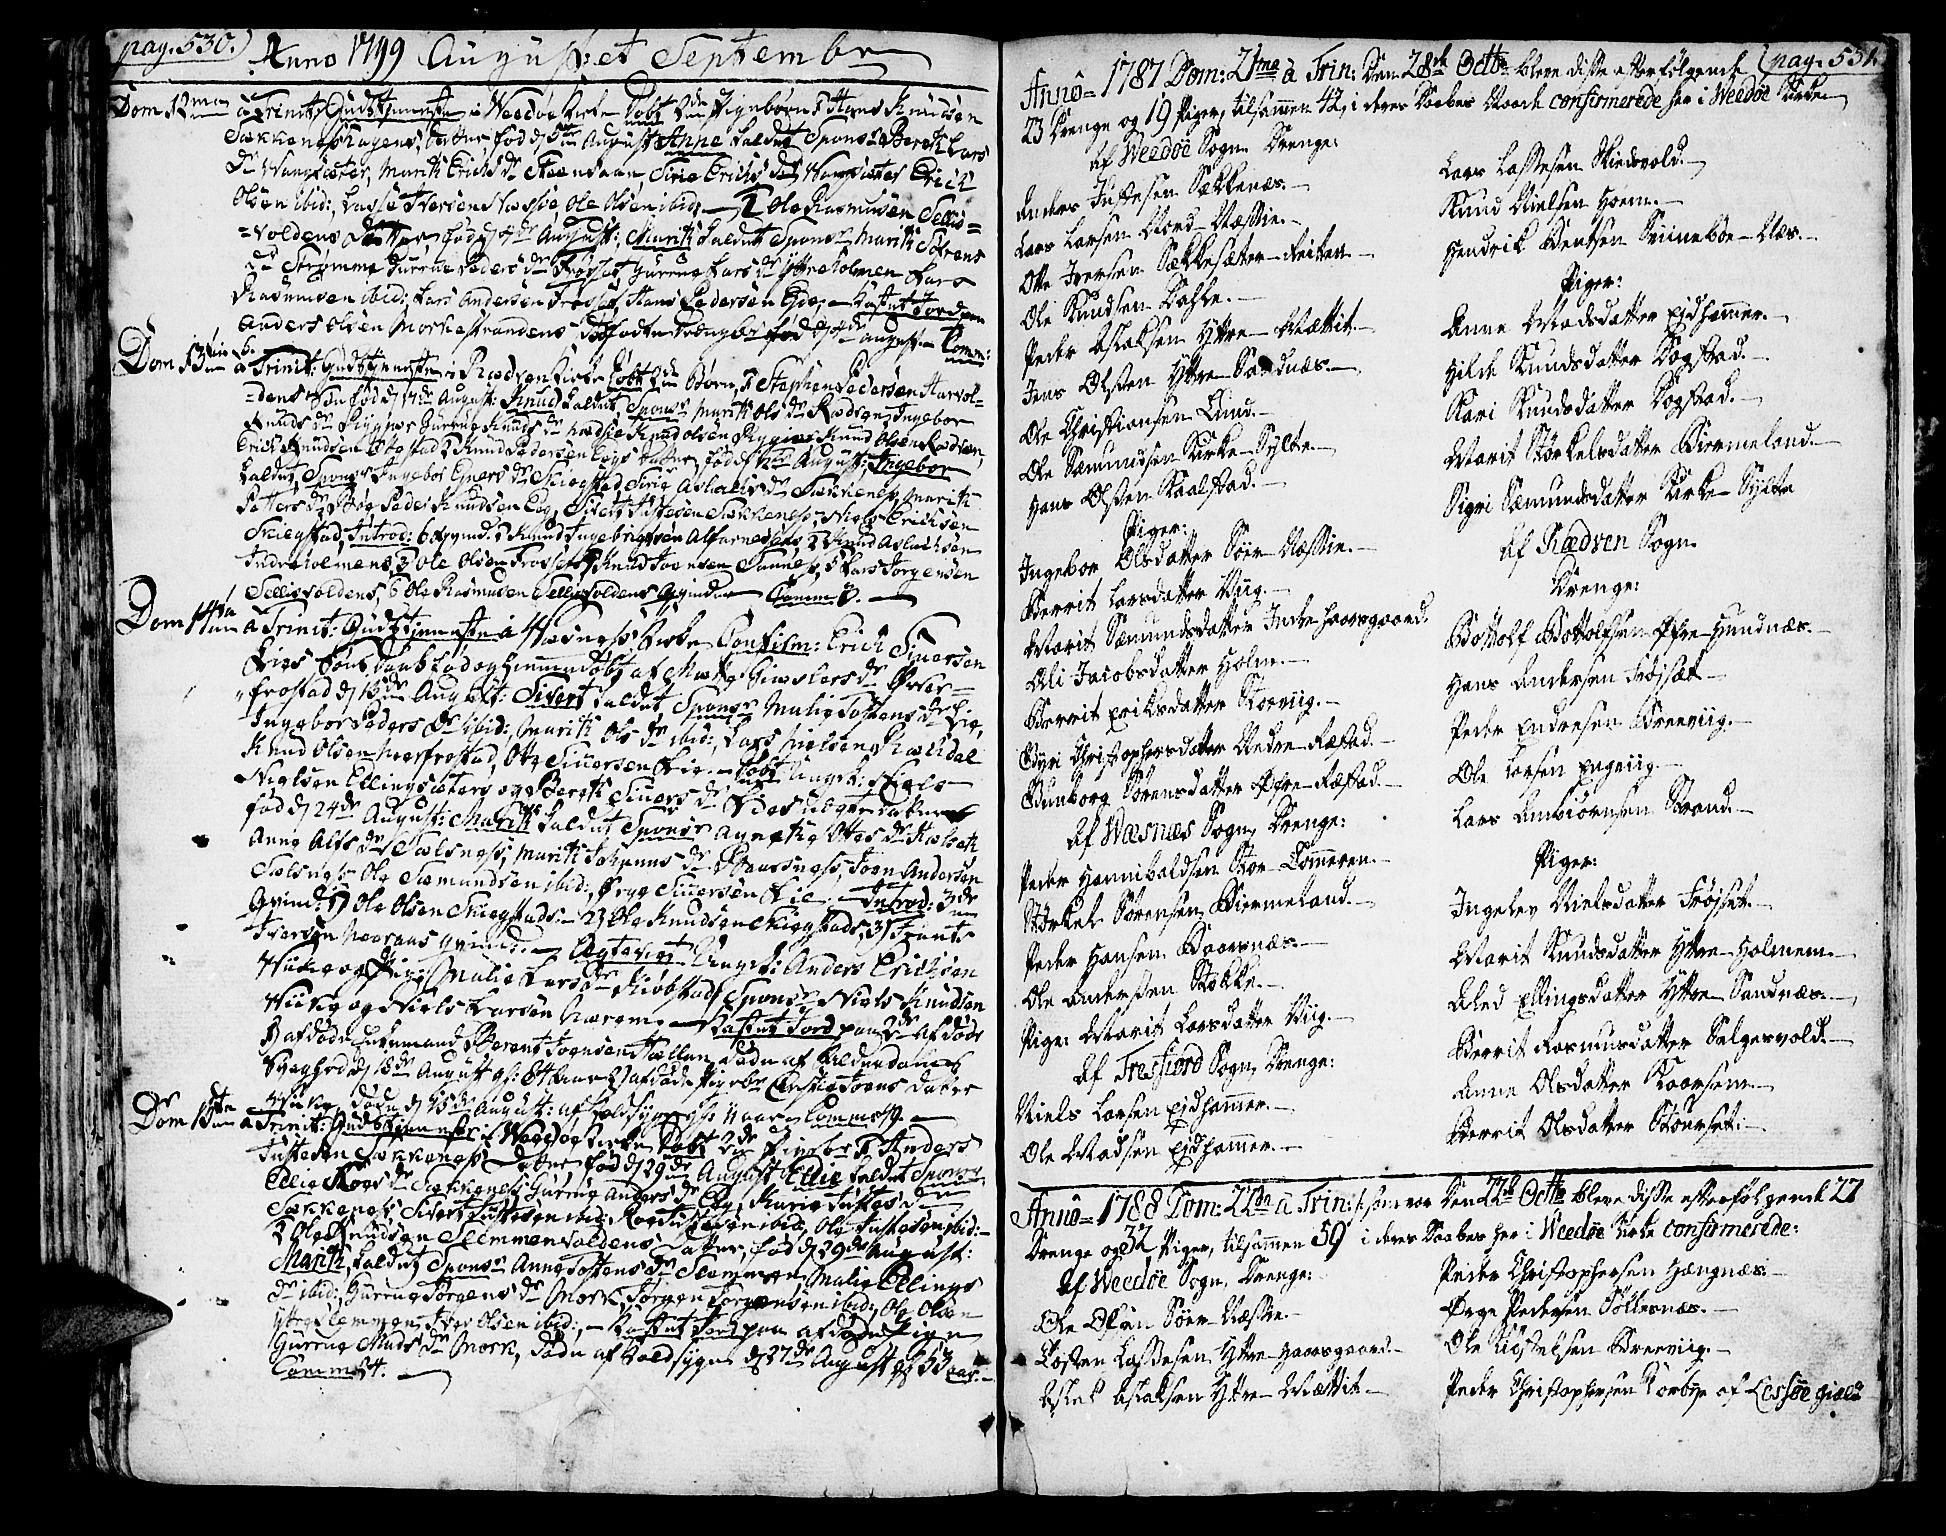 SAT, Ministerialprotokoller, klokkerbøker og fødselsregistre - Møre og Romsdal, 547/L0600: Ministerialbok nr. 547A02, 1765-1799, s. 530-531